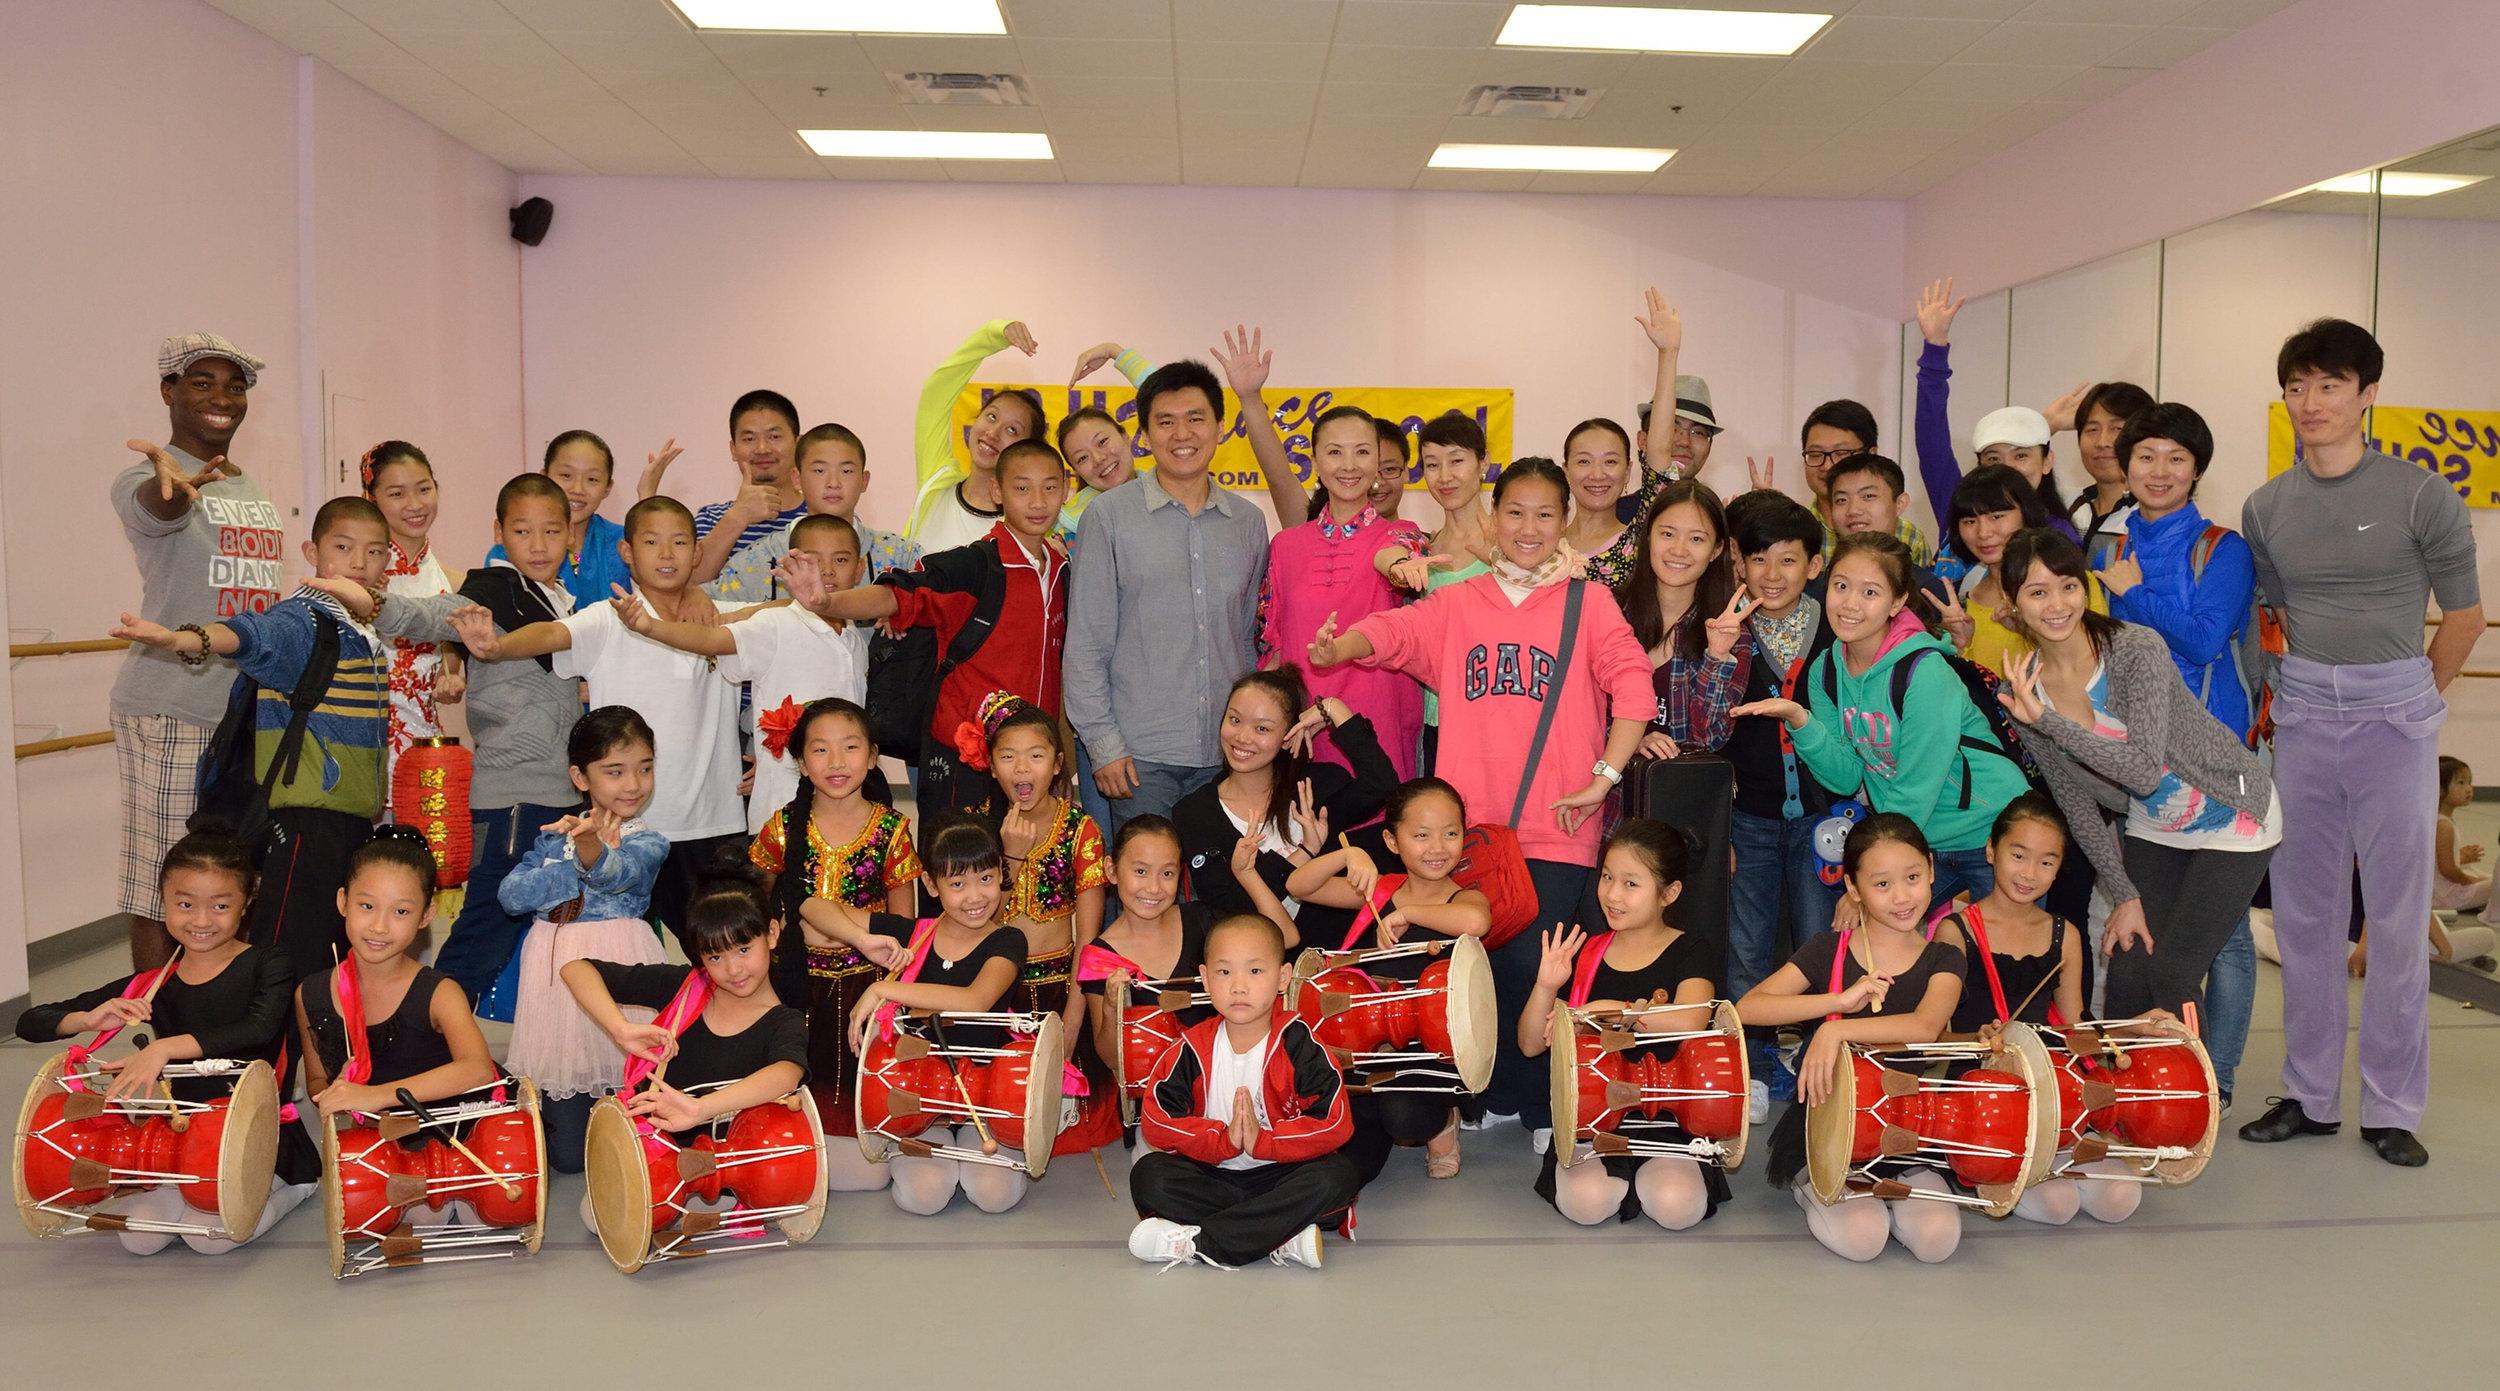 2013年,中华文化大乐园在周洁晓慧舞蹈学校传授朝鲜族长鼓舞,深受华裔小舞者欢迎。(周洁晓慧舞蹈学校提供)